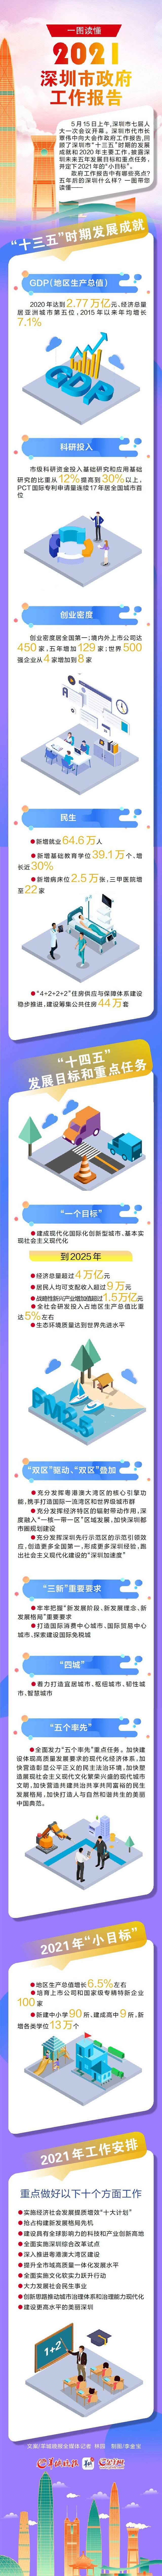 一图读懂2021年深圳市政府工作报告